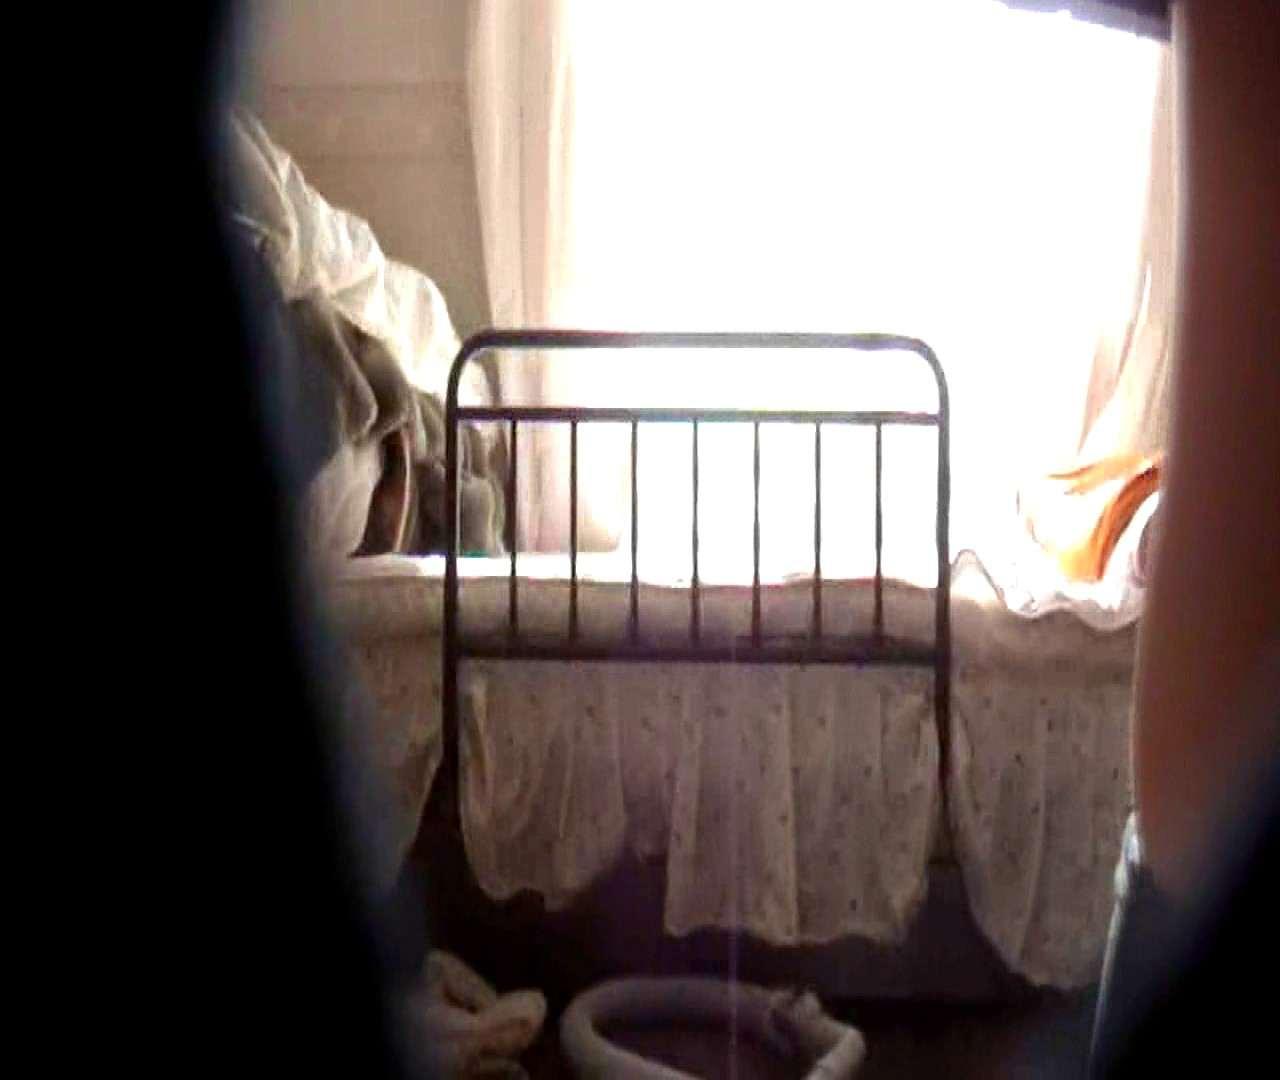 vol.3 まどかがパンツを見せながら部屋掃除、洗面所も少しどうぞ。 ○族 SEX無修正画像 106画像 69